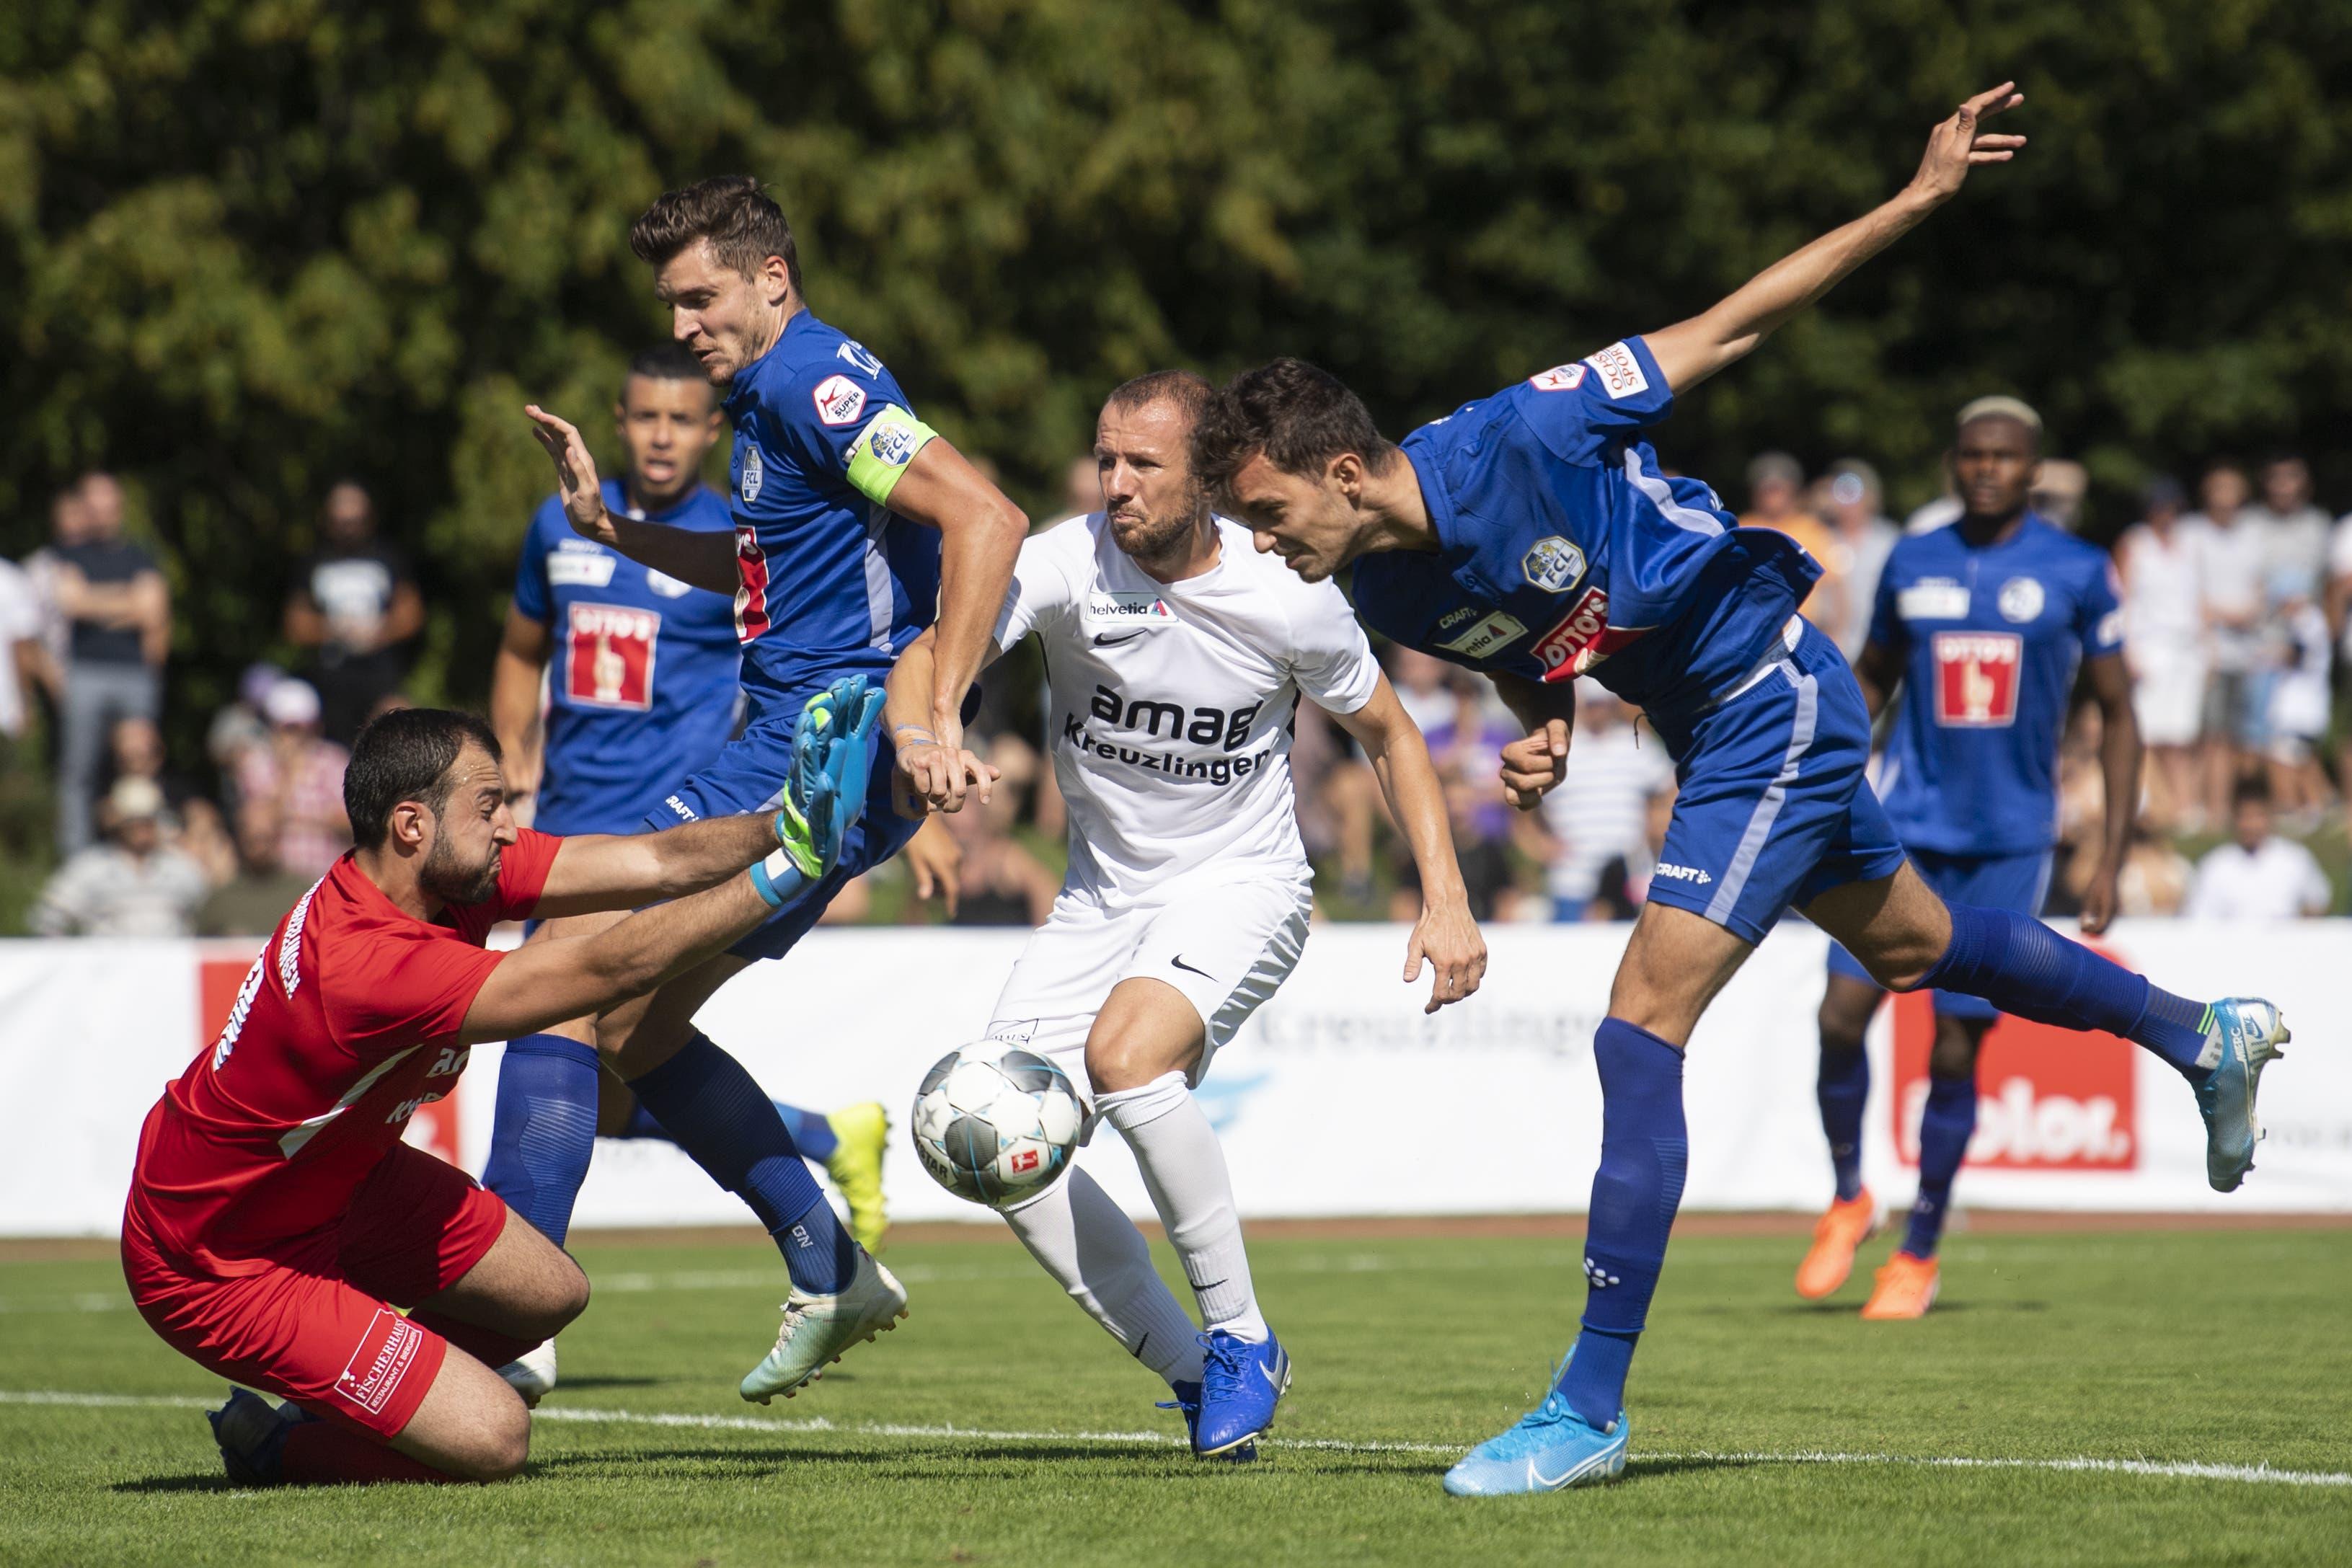 Ein gewohntes Bild: Der Kreuzlinger Bruno Donnici wehrt sich gegen die FCL-Angreifer. (Bild: Ennio Leanza/Keystone, Kreuzlingen, 18. August 2019)